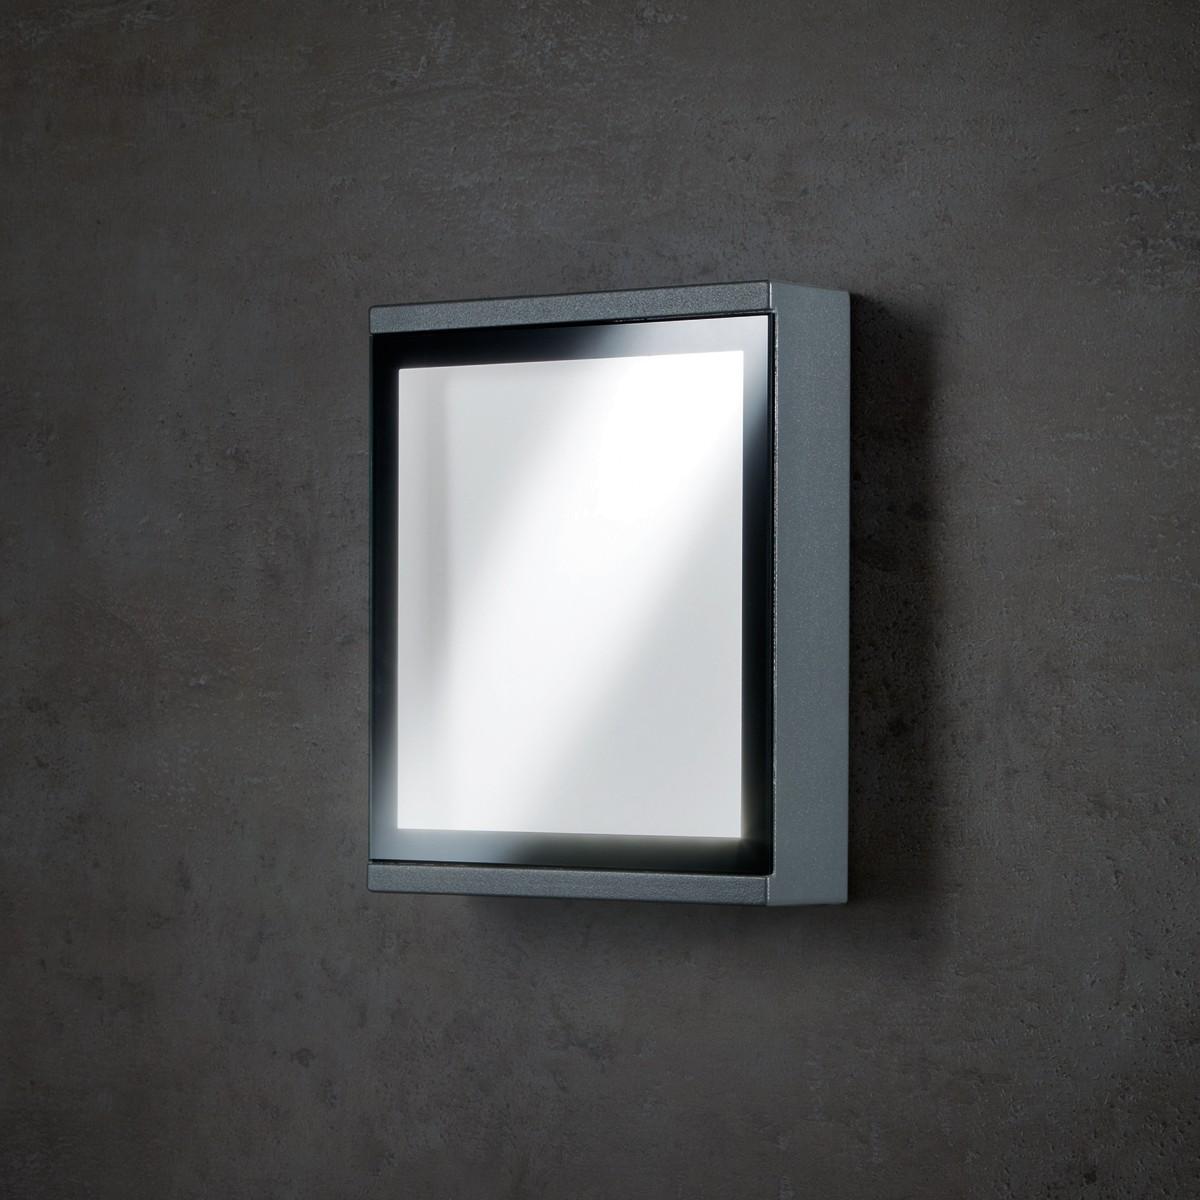 Lupia Licht Window Außenwandleuchte, anthrazit